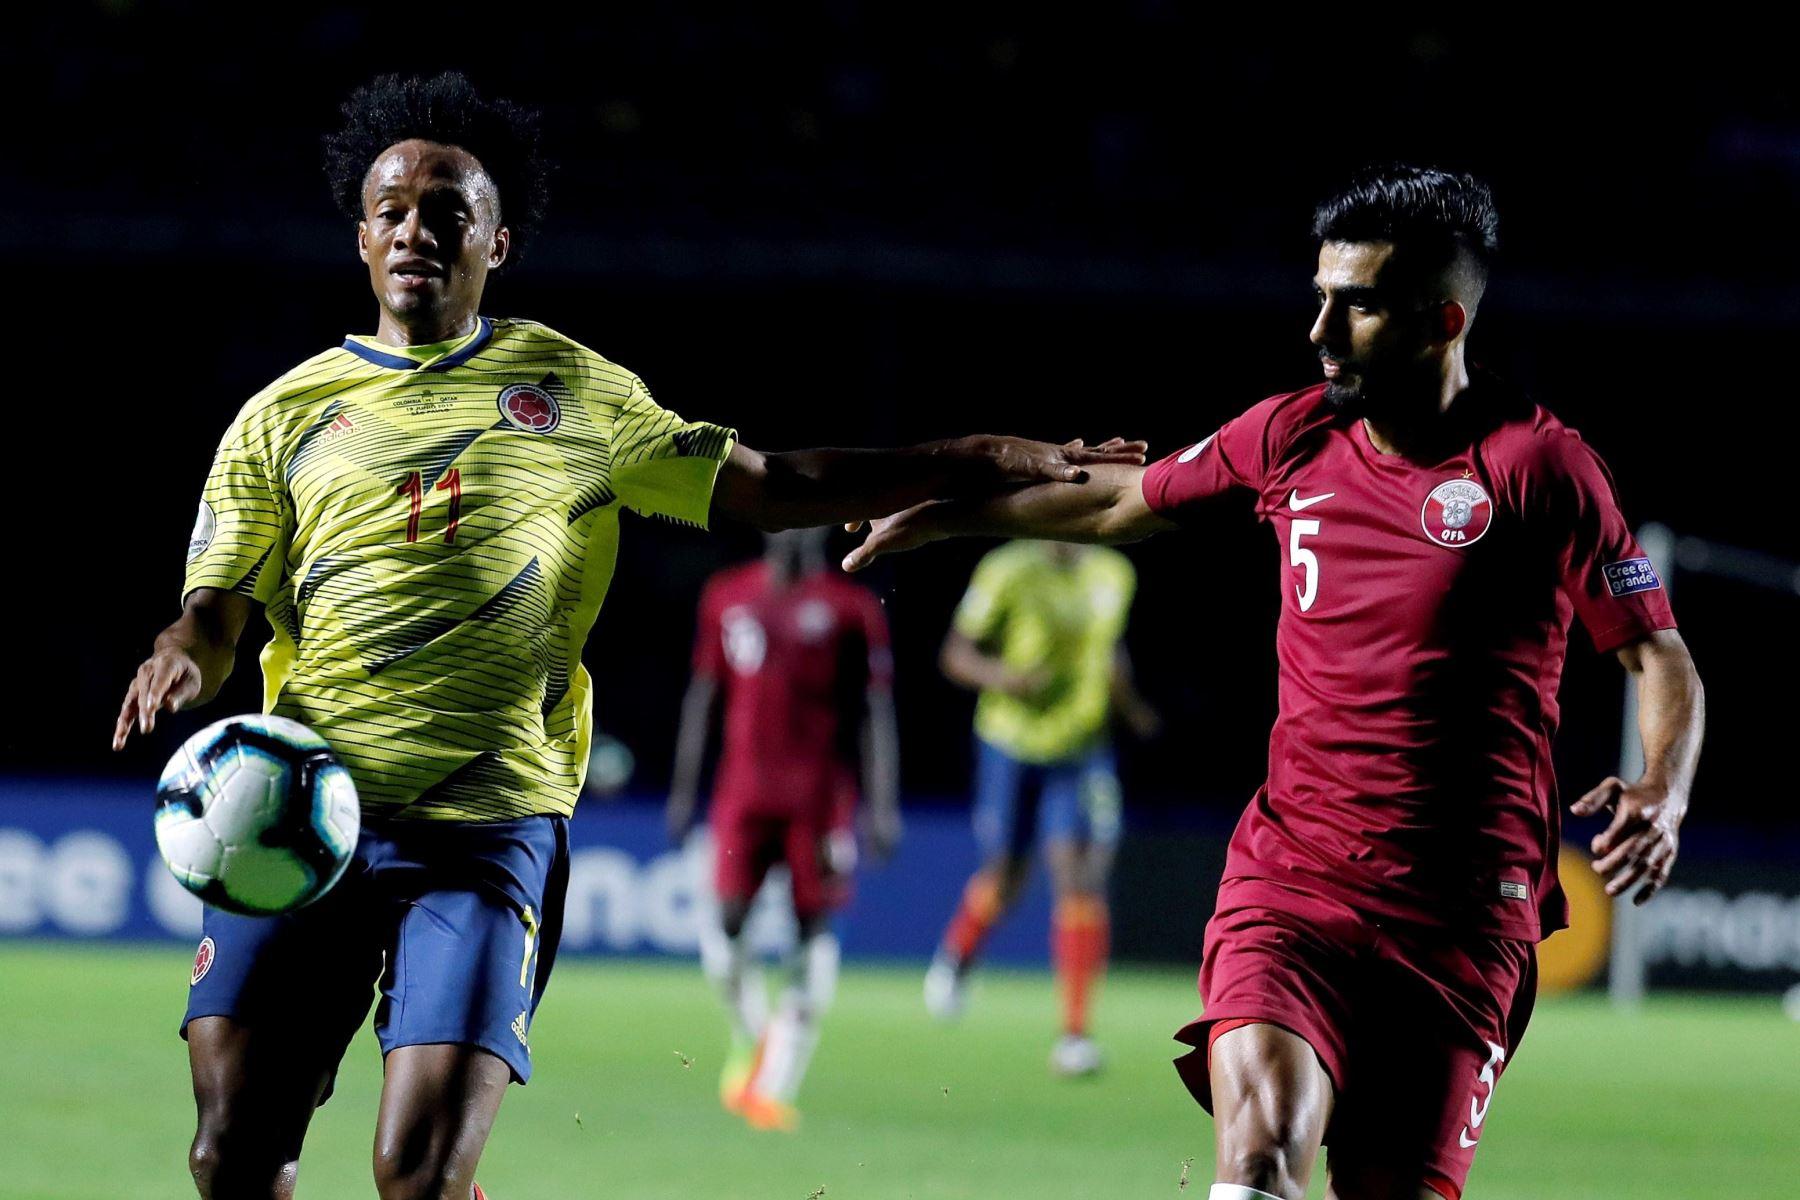 El jugador de Colombia Juan Cuadrado (i) disputa el balón con Tarek Salman de Catar durante el partido Colombia-Catar del Grupo B de la Copa América de Fútbol 2019. Foto: AFP